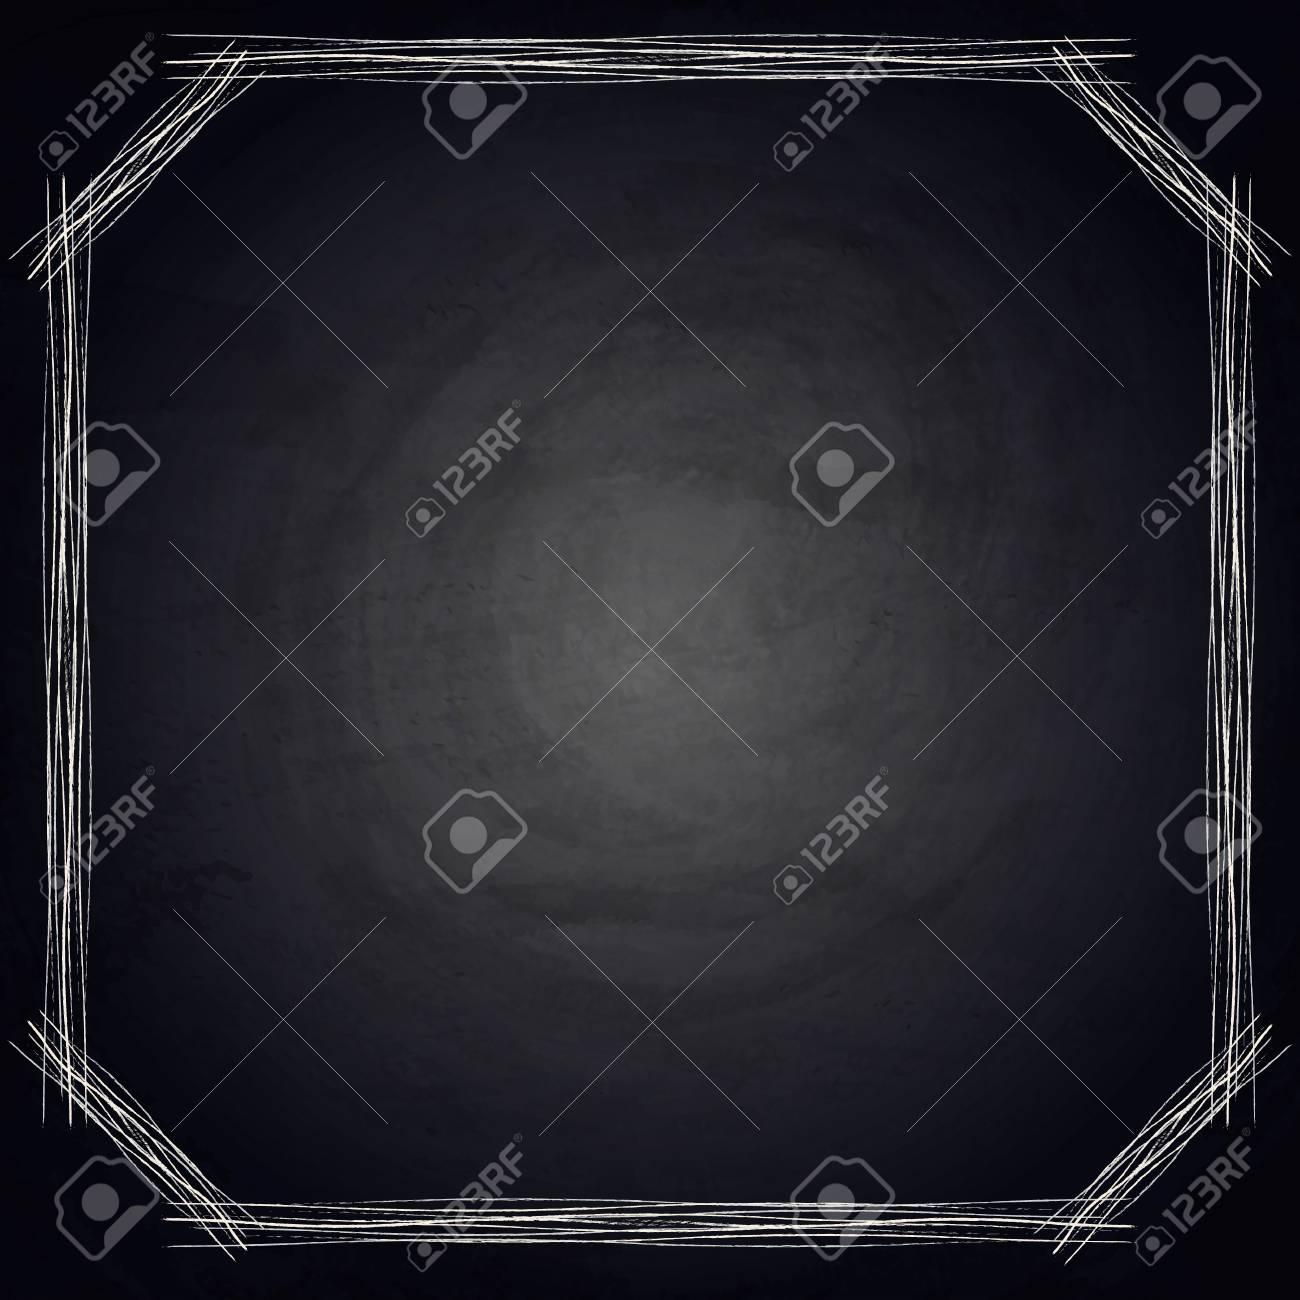 写真素材 , 黒板黒板背景に空の境界線。ベクトル図